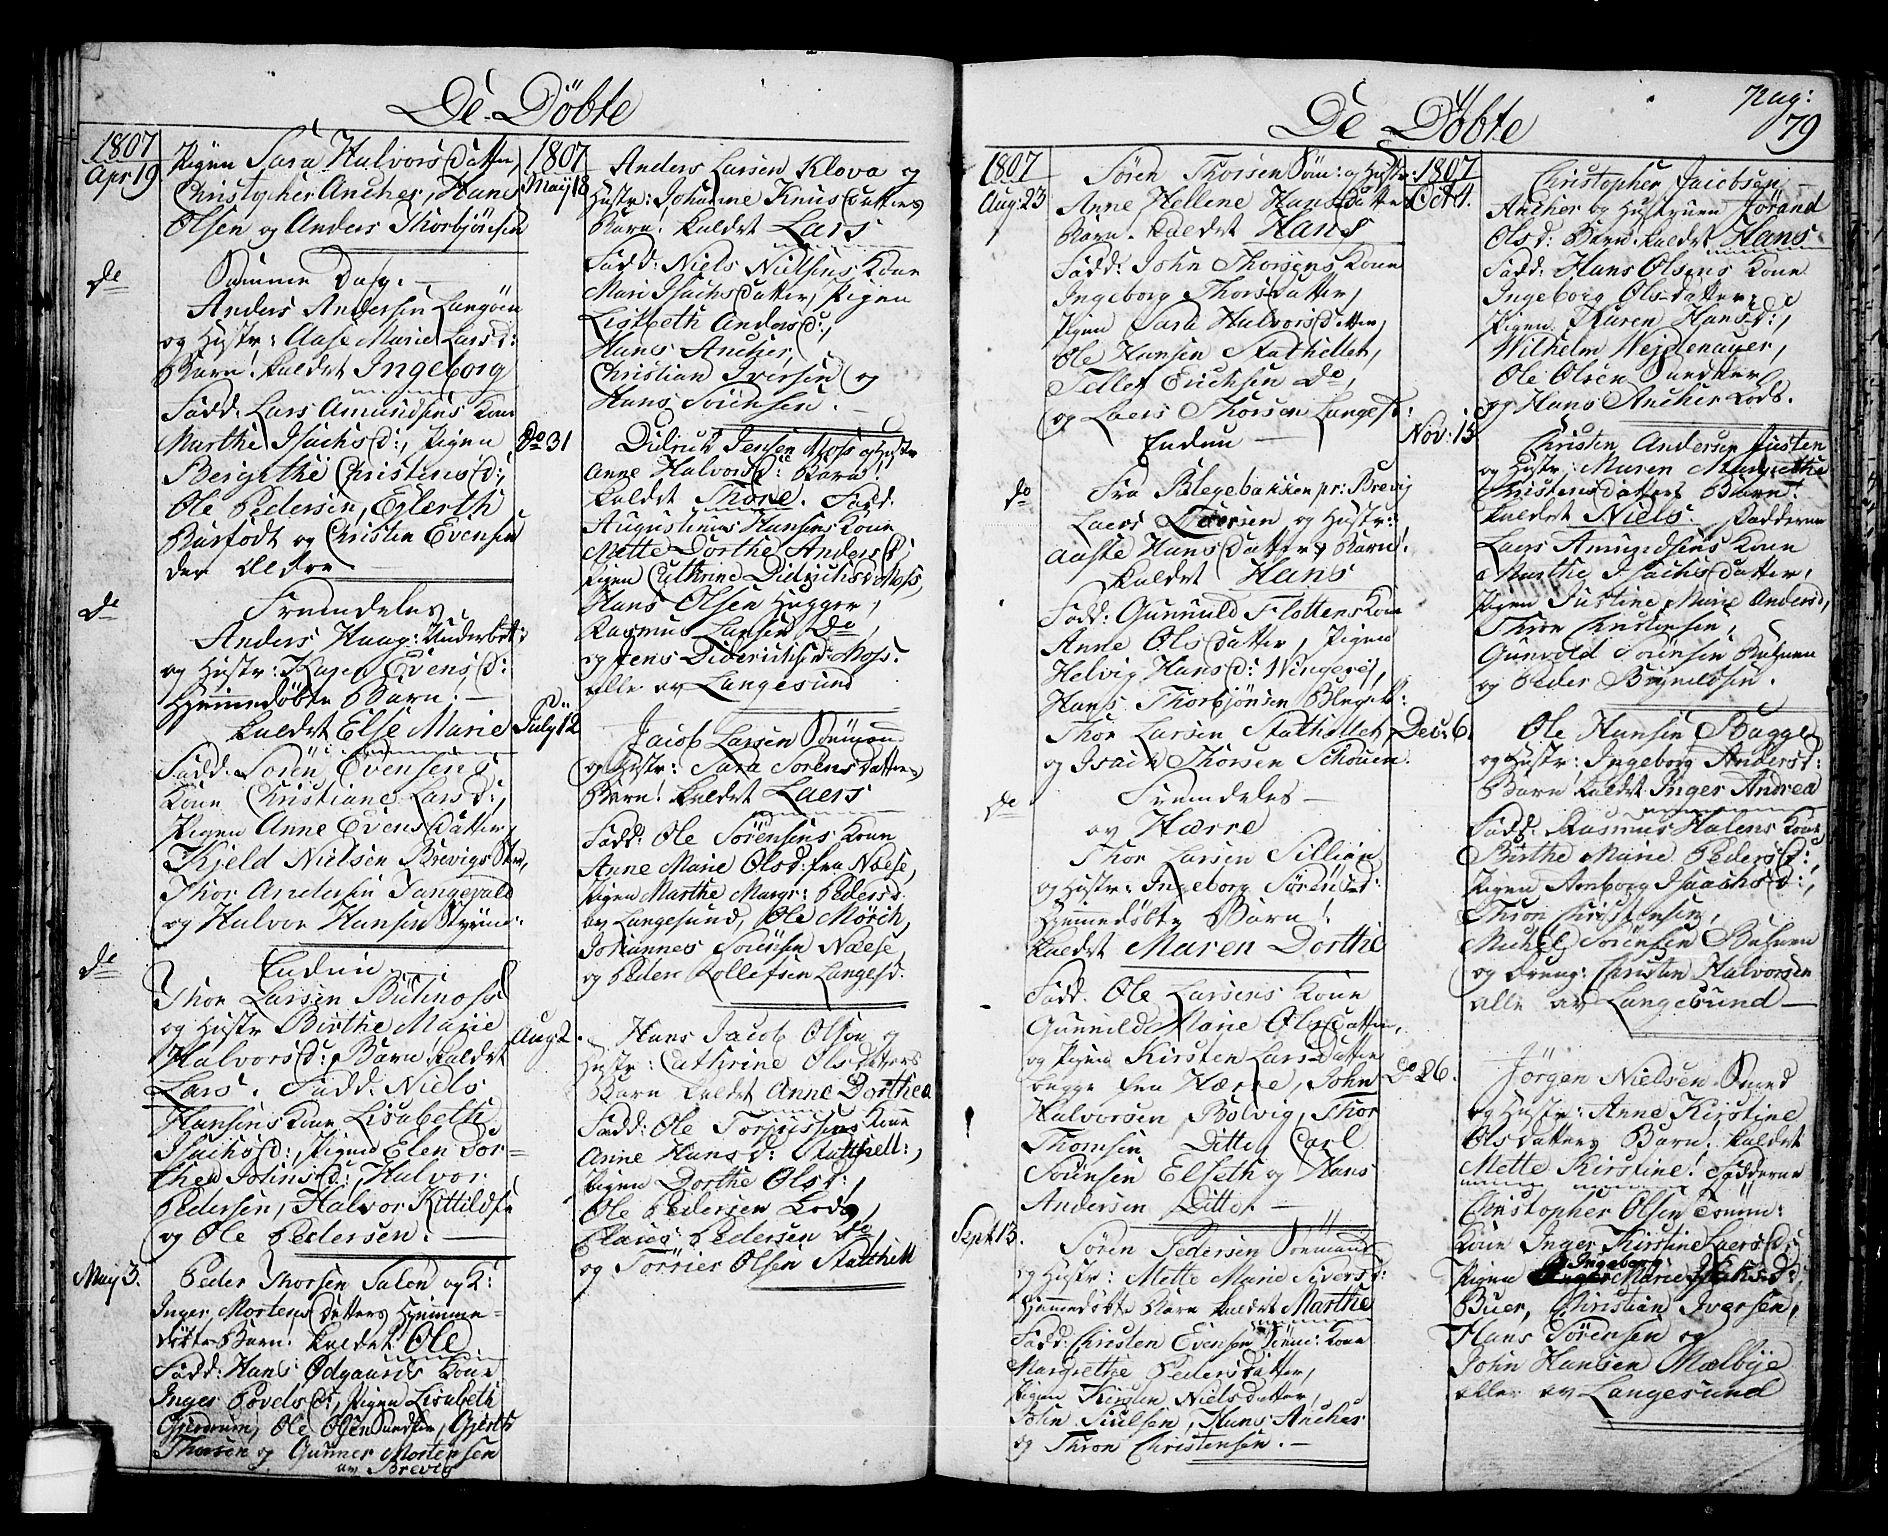 SAKO, Langesund kirkebøker, G/Ga/L0002: Klokkerbok nr. 2, 1801-1815, s. 79